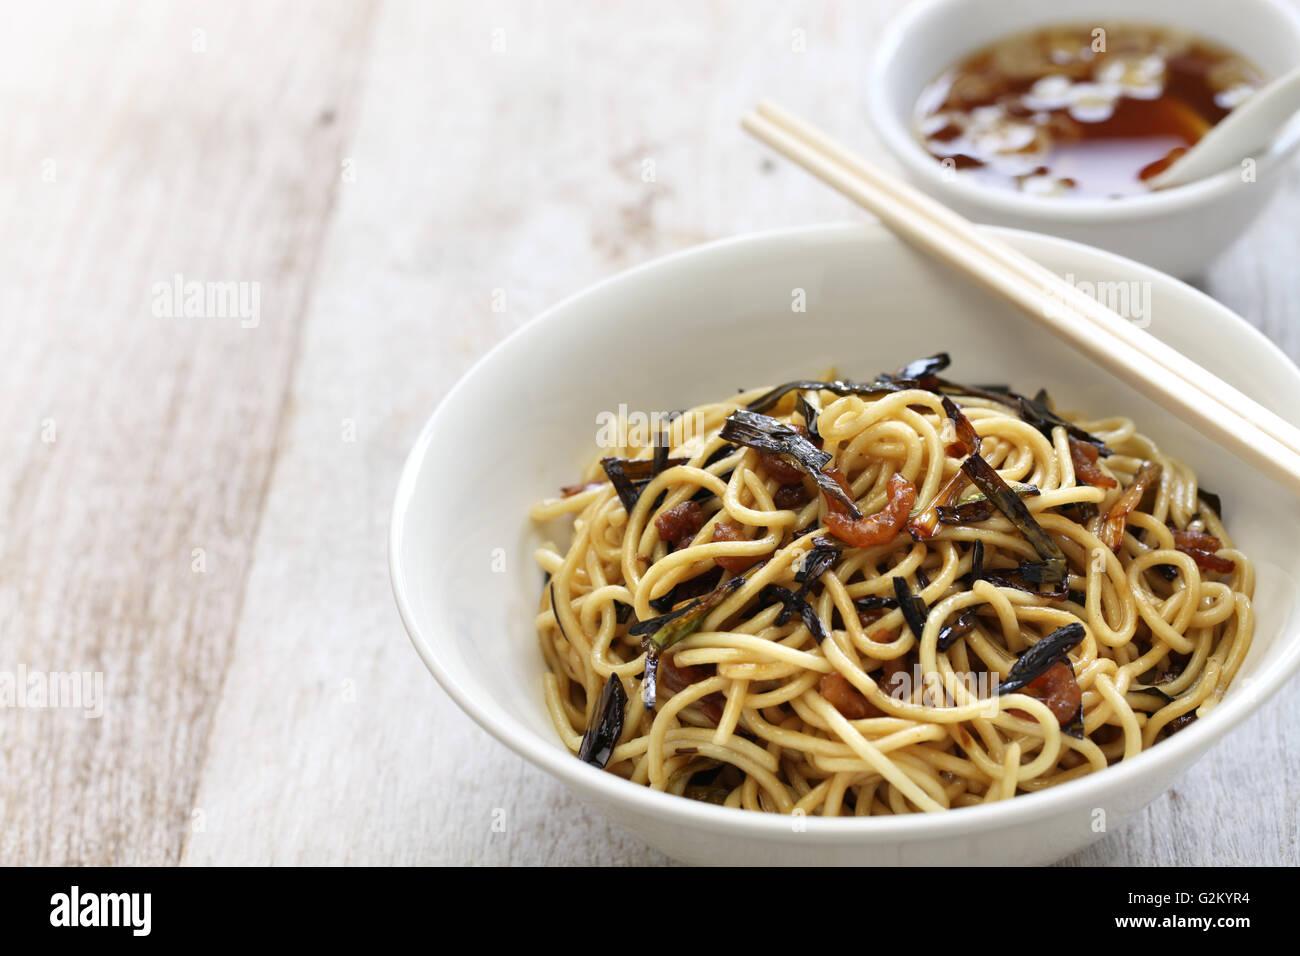 Fideos con cebolleta y salsa de soja, aceite chino comida de Shanghai Imagen De Stock